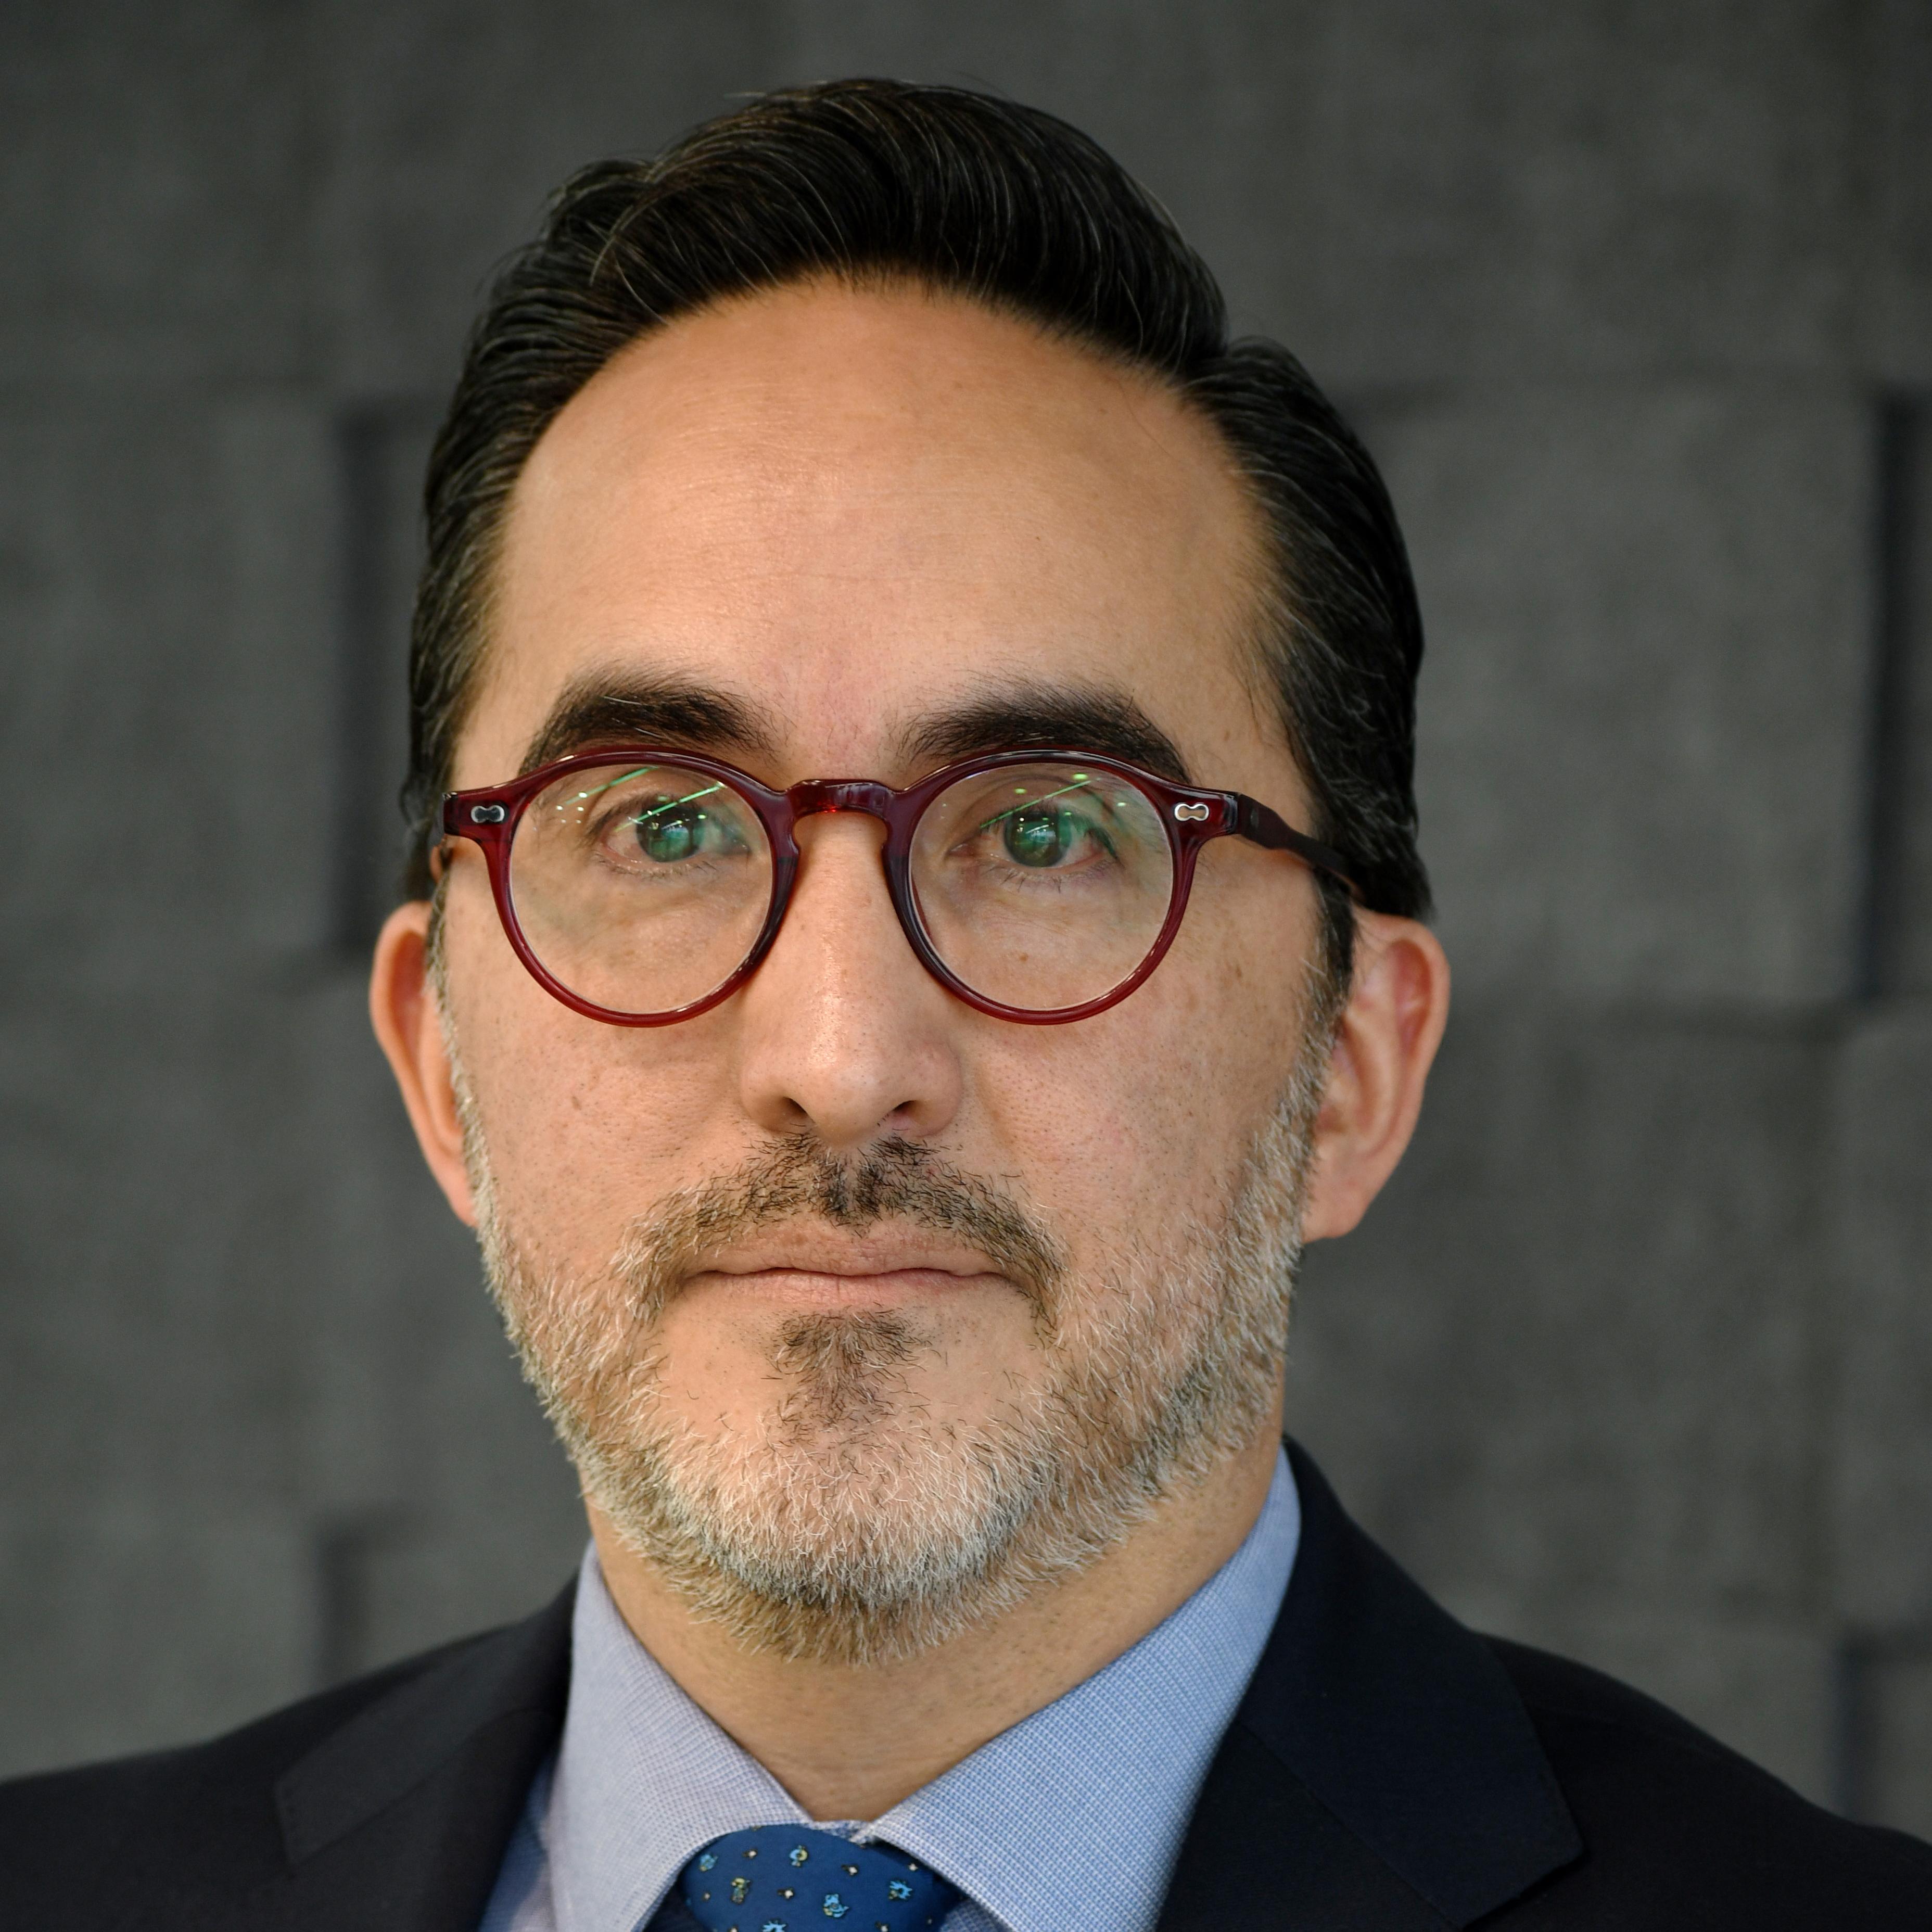 Alfredo Esparza Jaime